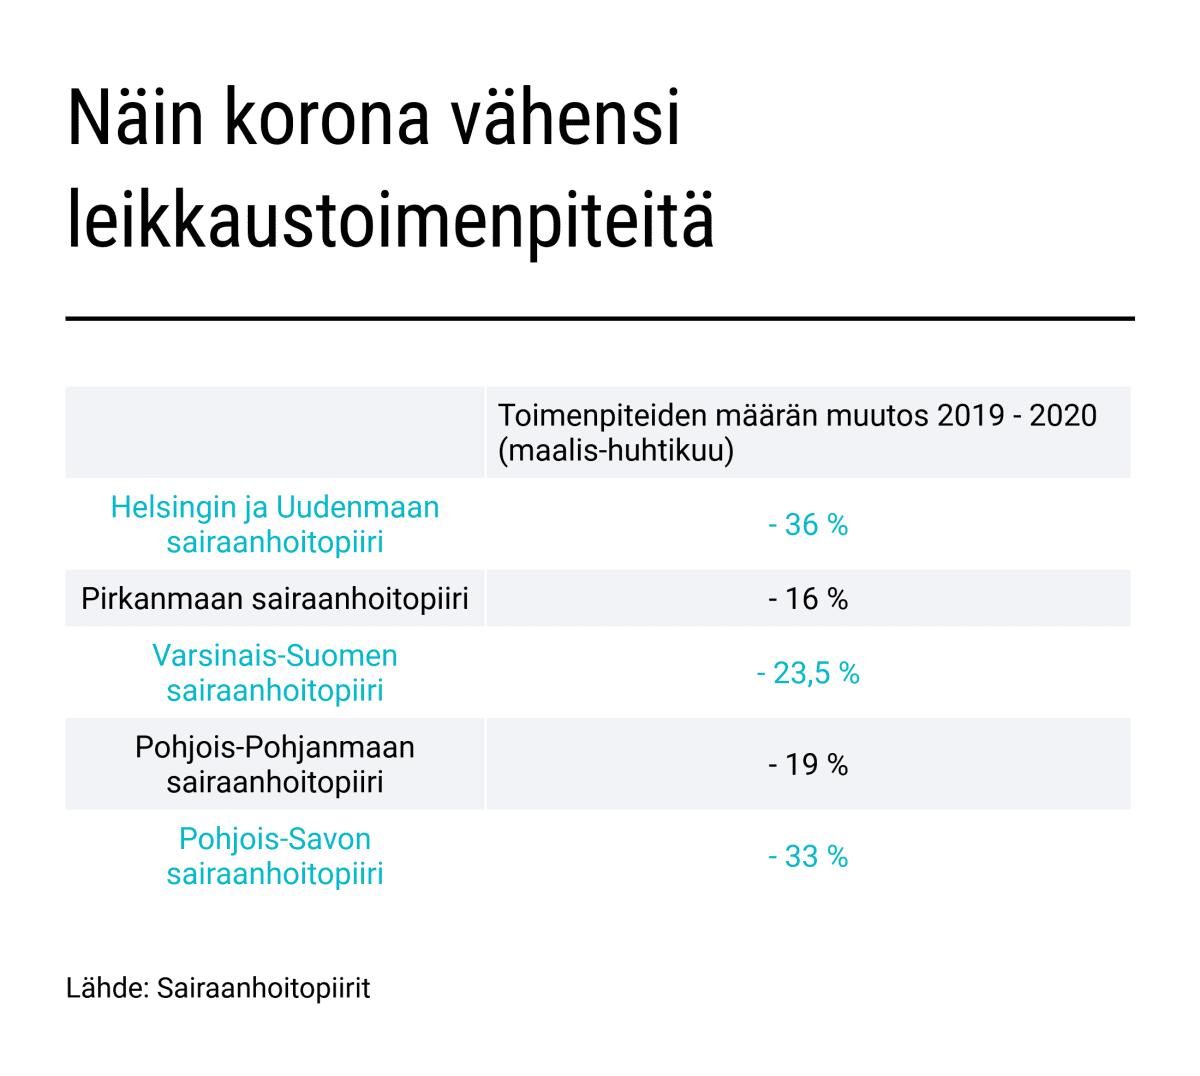 Sairaanhoitopiirien leikkaustoimenpiteiden määrän muutos 2019-2020 (maalis-huhti)